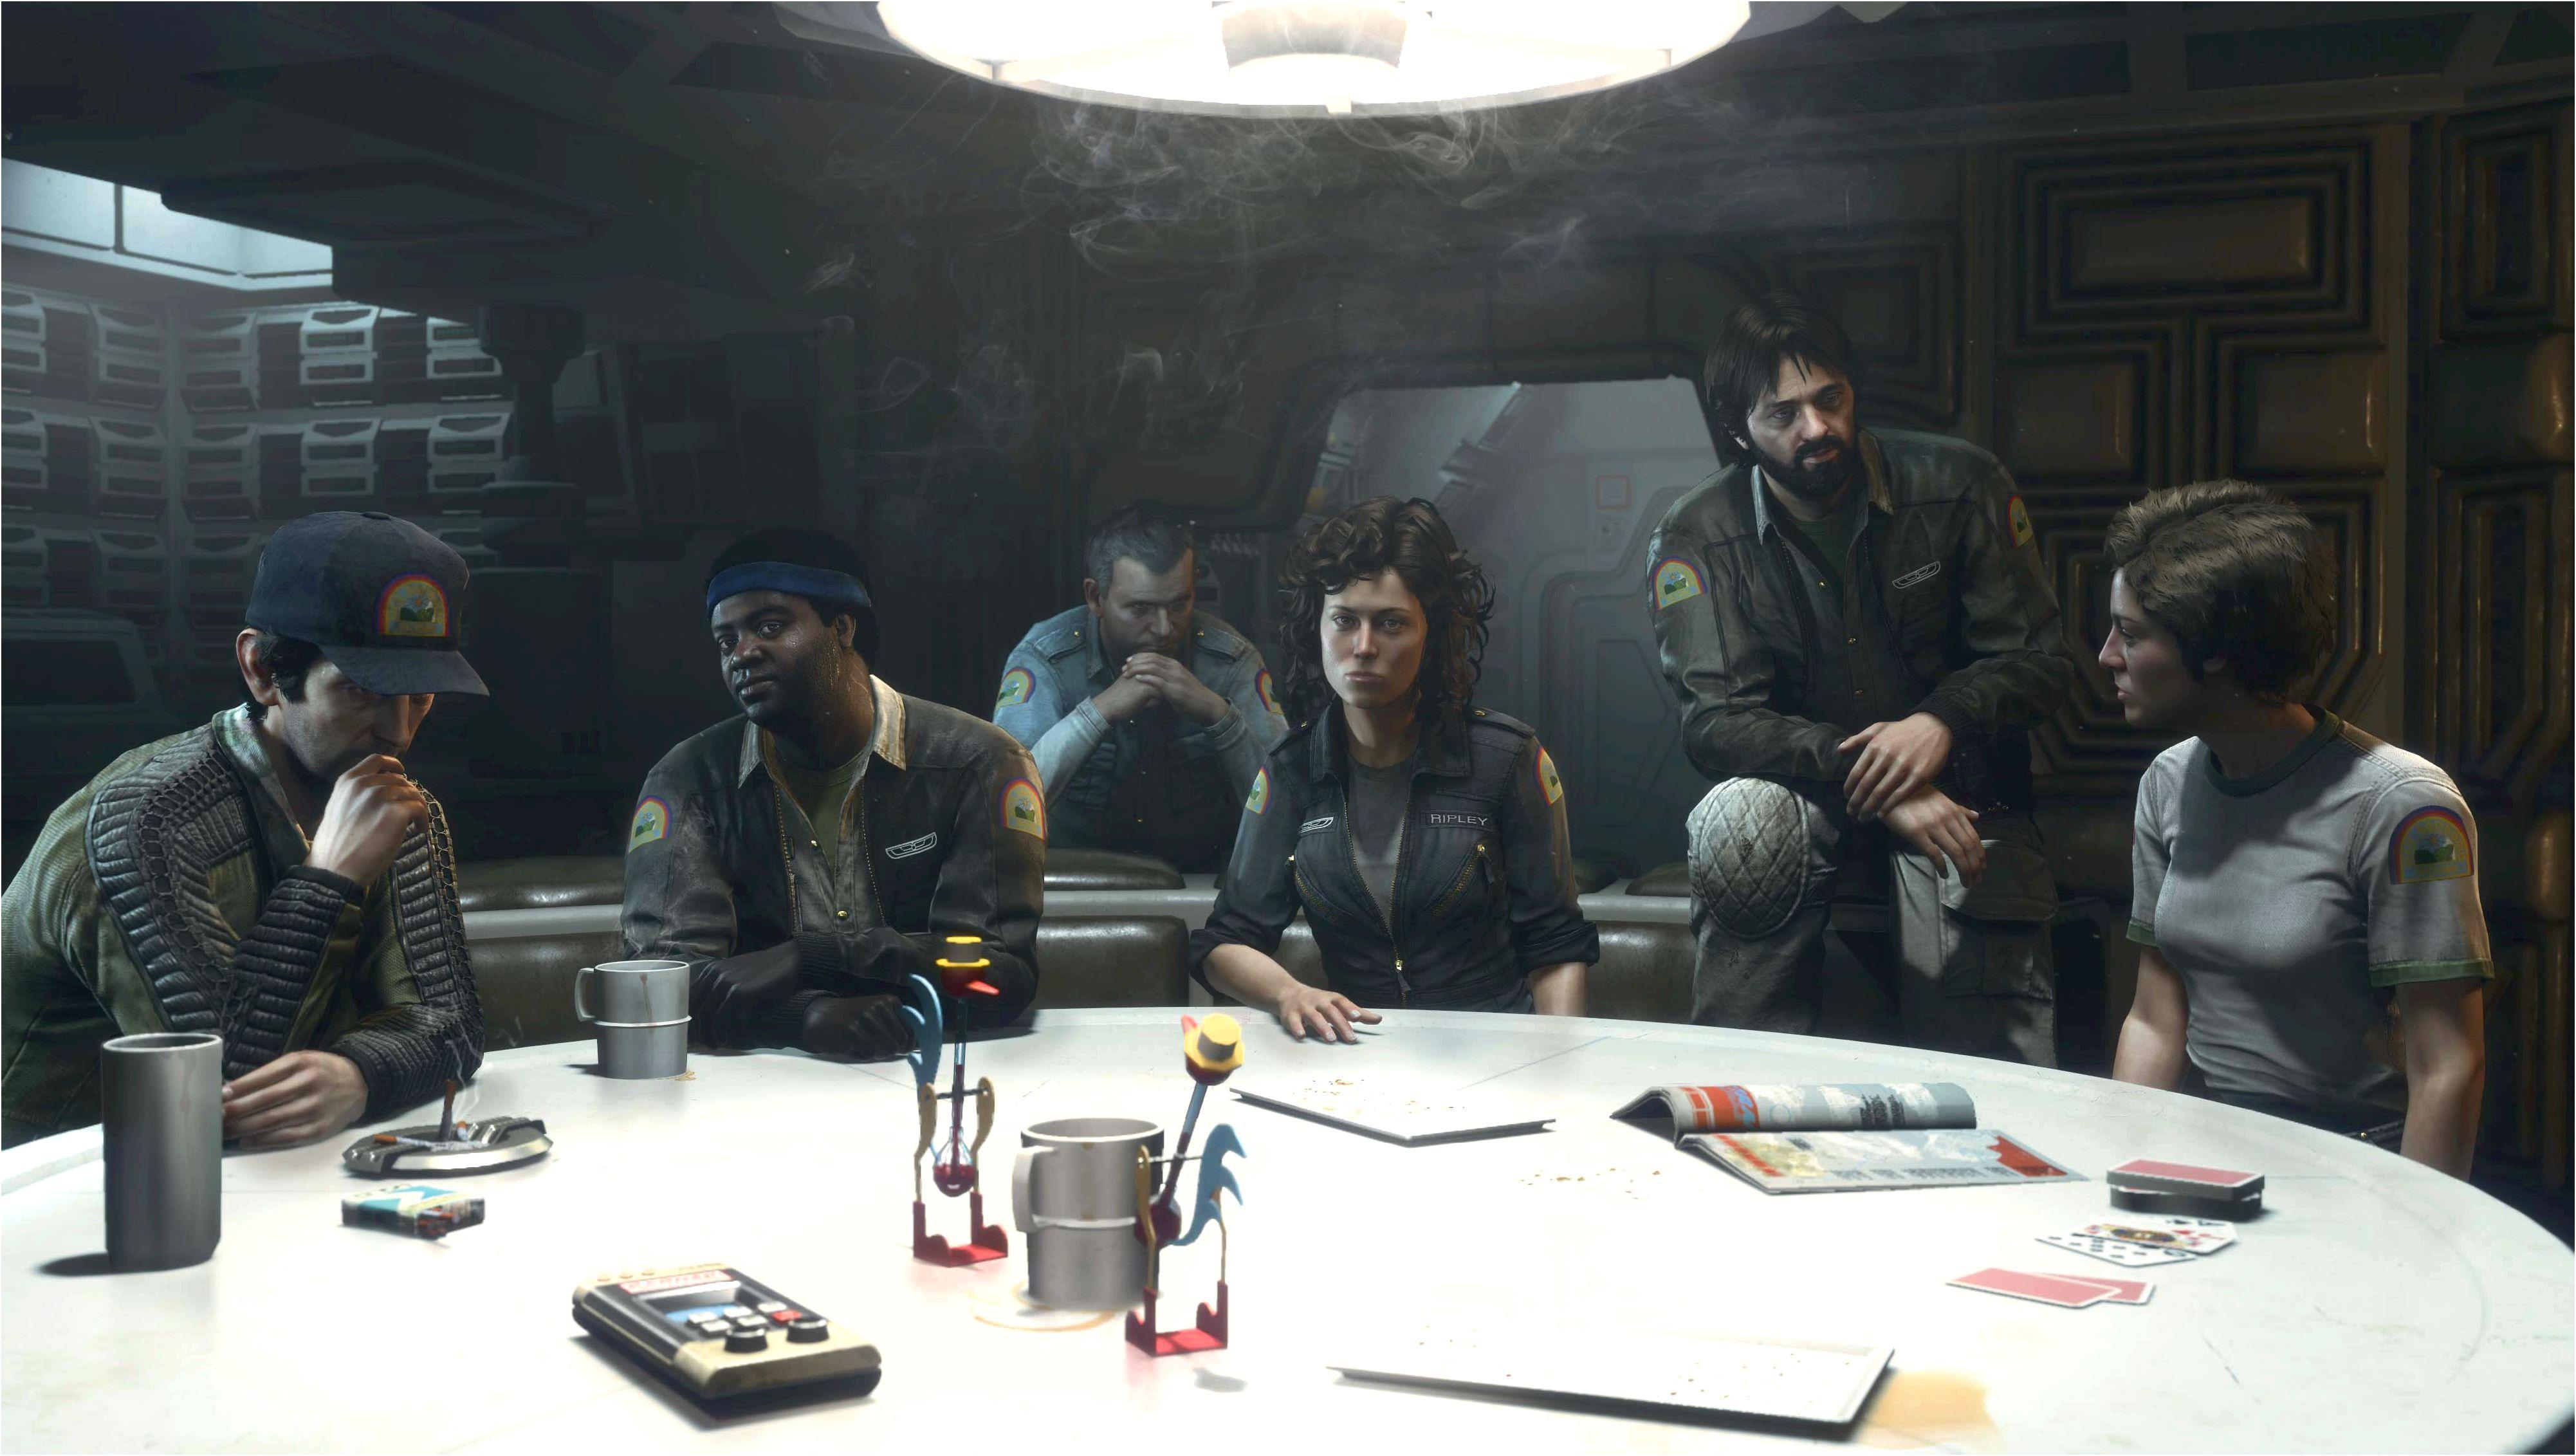 Alien: isolation (gaming 2014) - full cast & crew - imdb seem designer                            Jemma Riley-Tolch